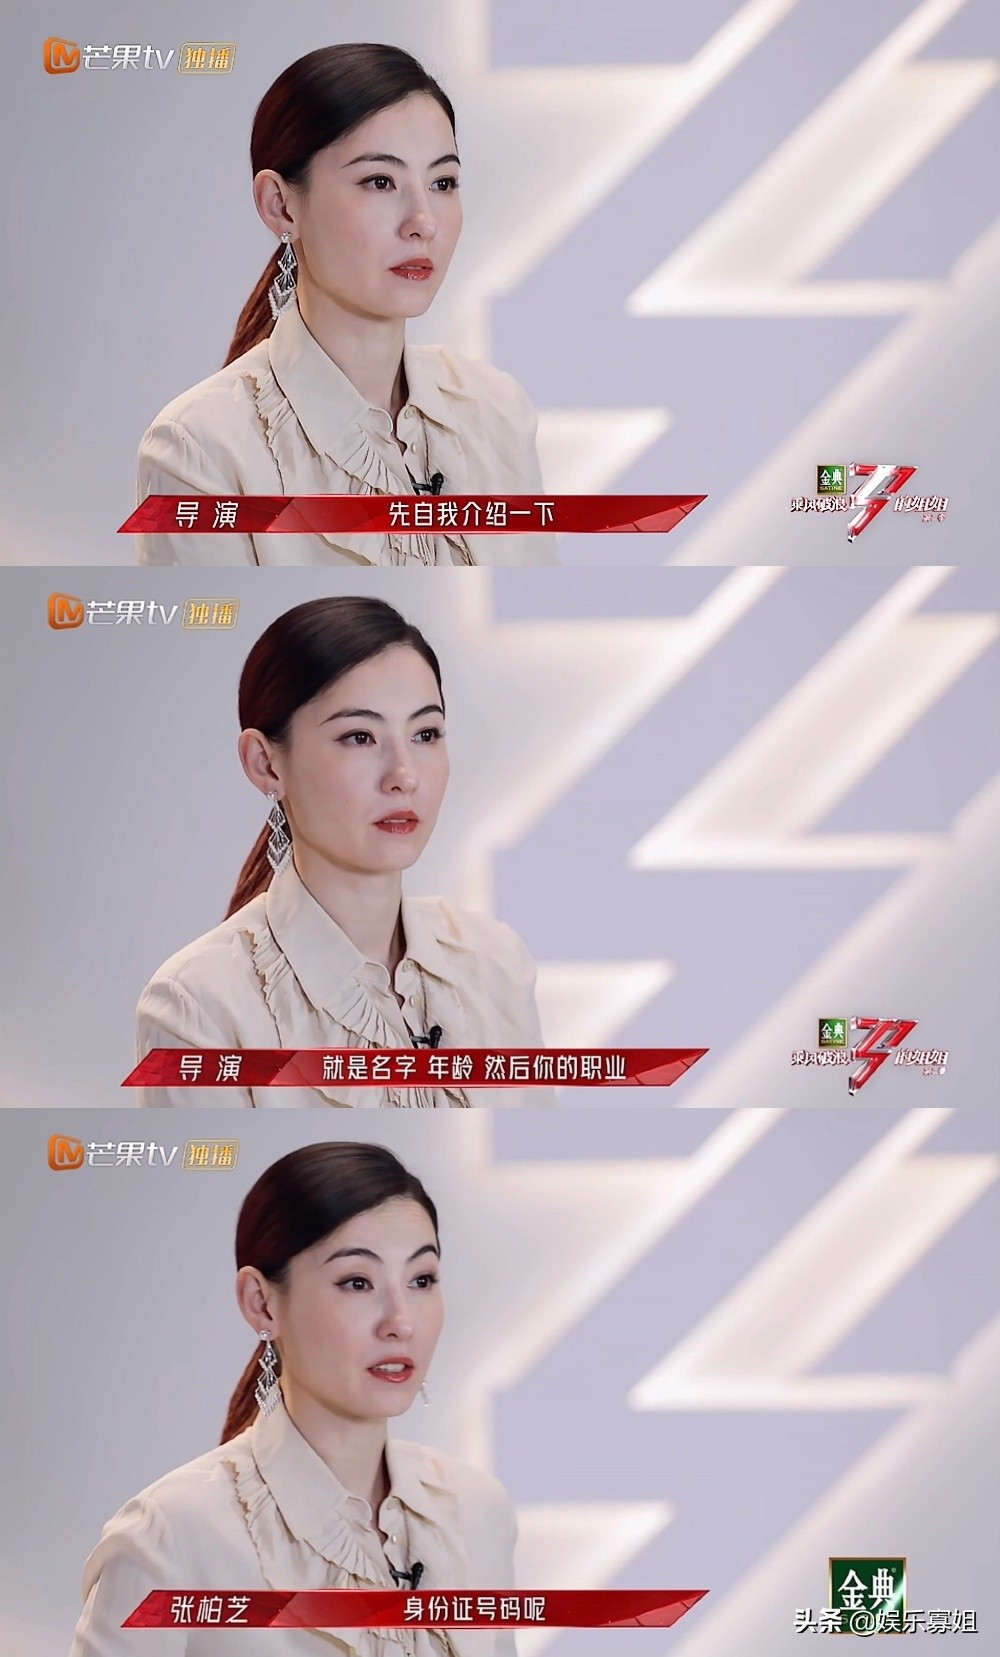 《浪姐2》张柏芝问自我介绍要不要报身份证号,初舞台唱星语心愿